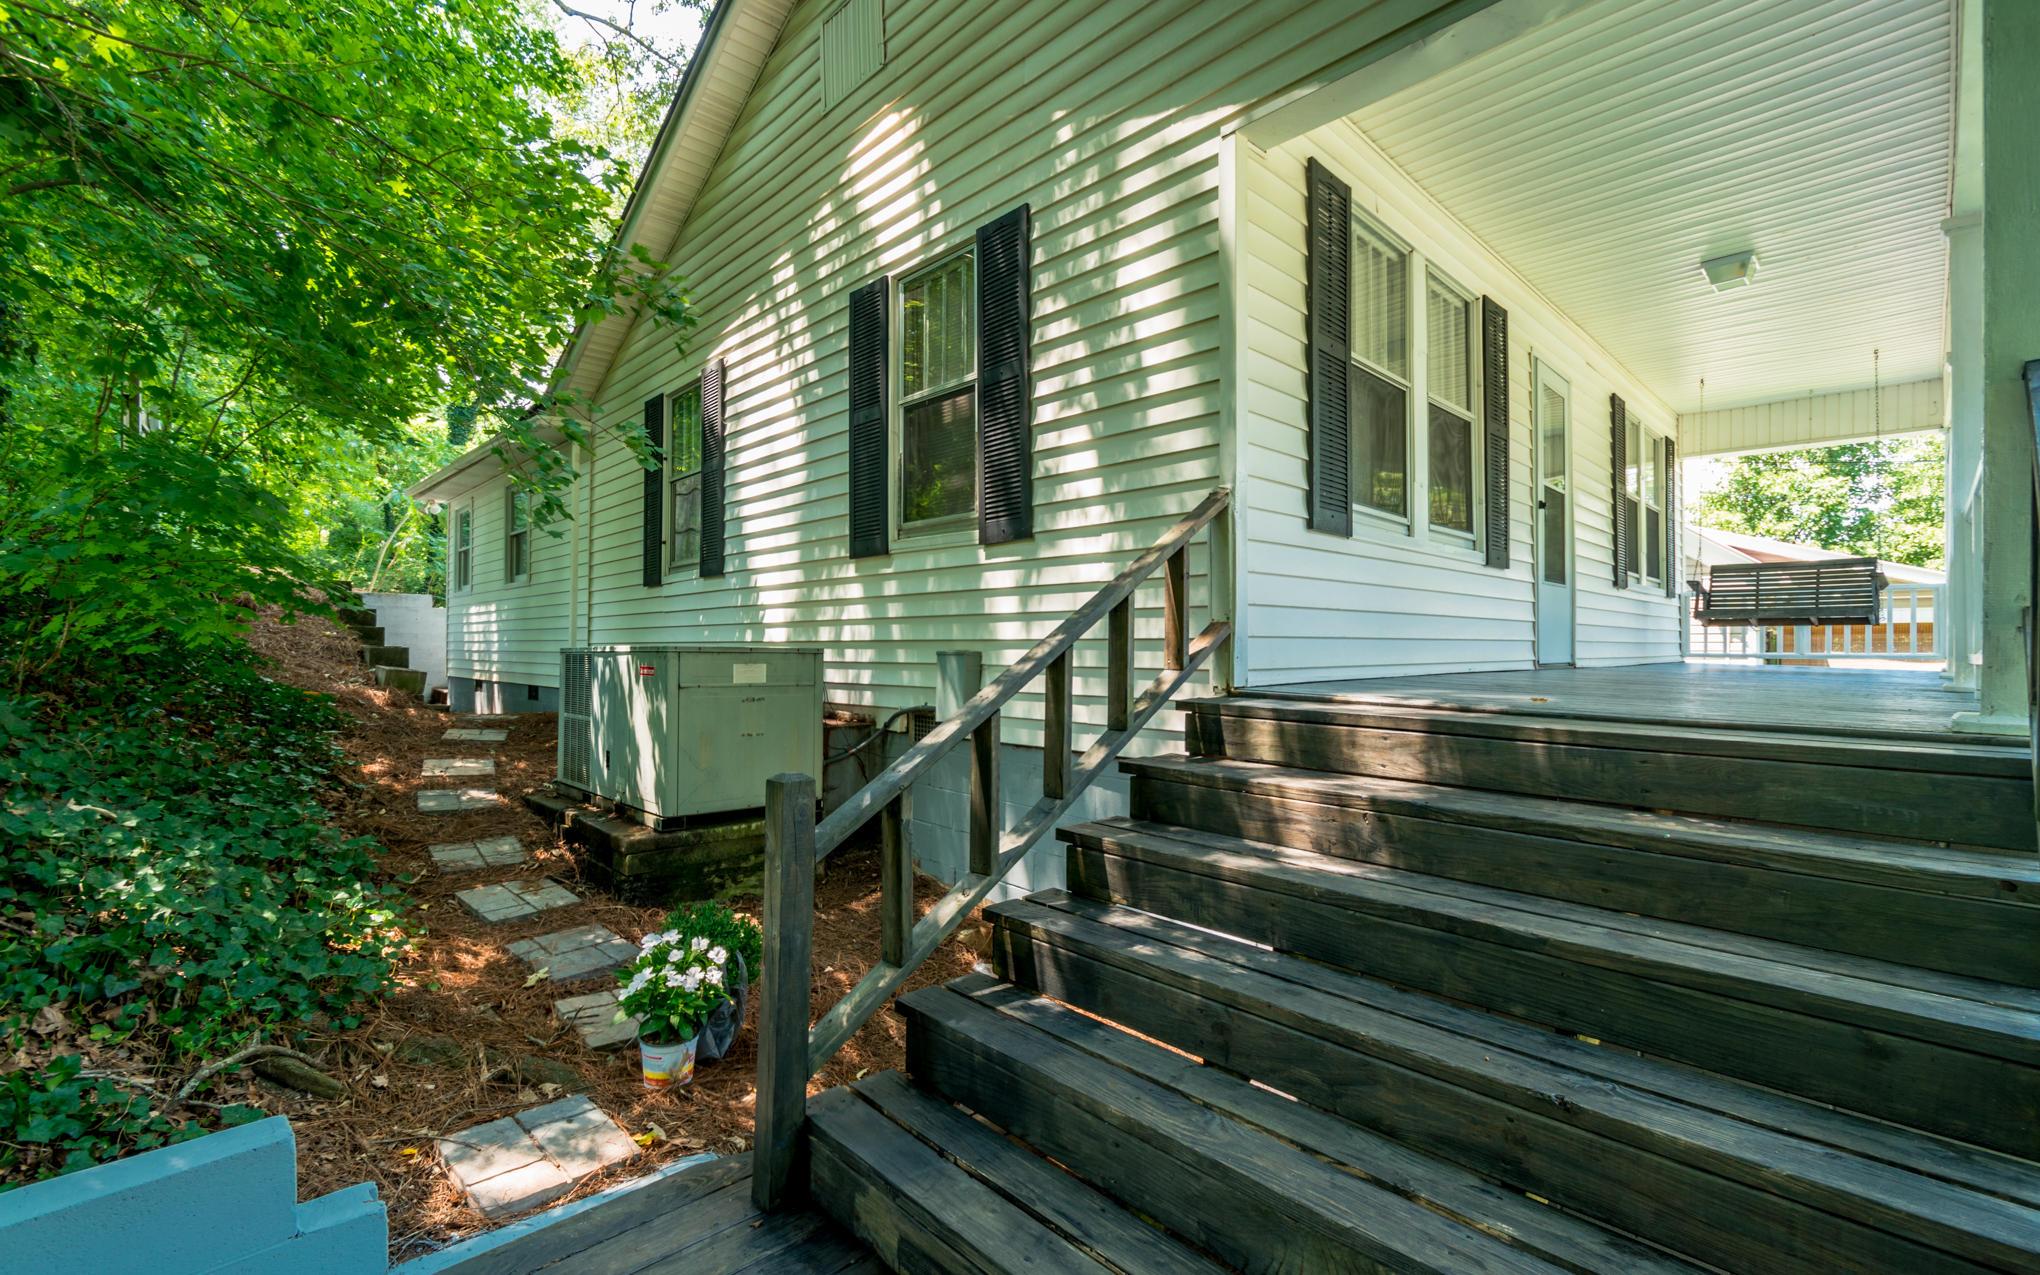 320 Sylvan St, Chattanooga, TN 37405